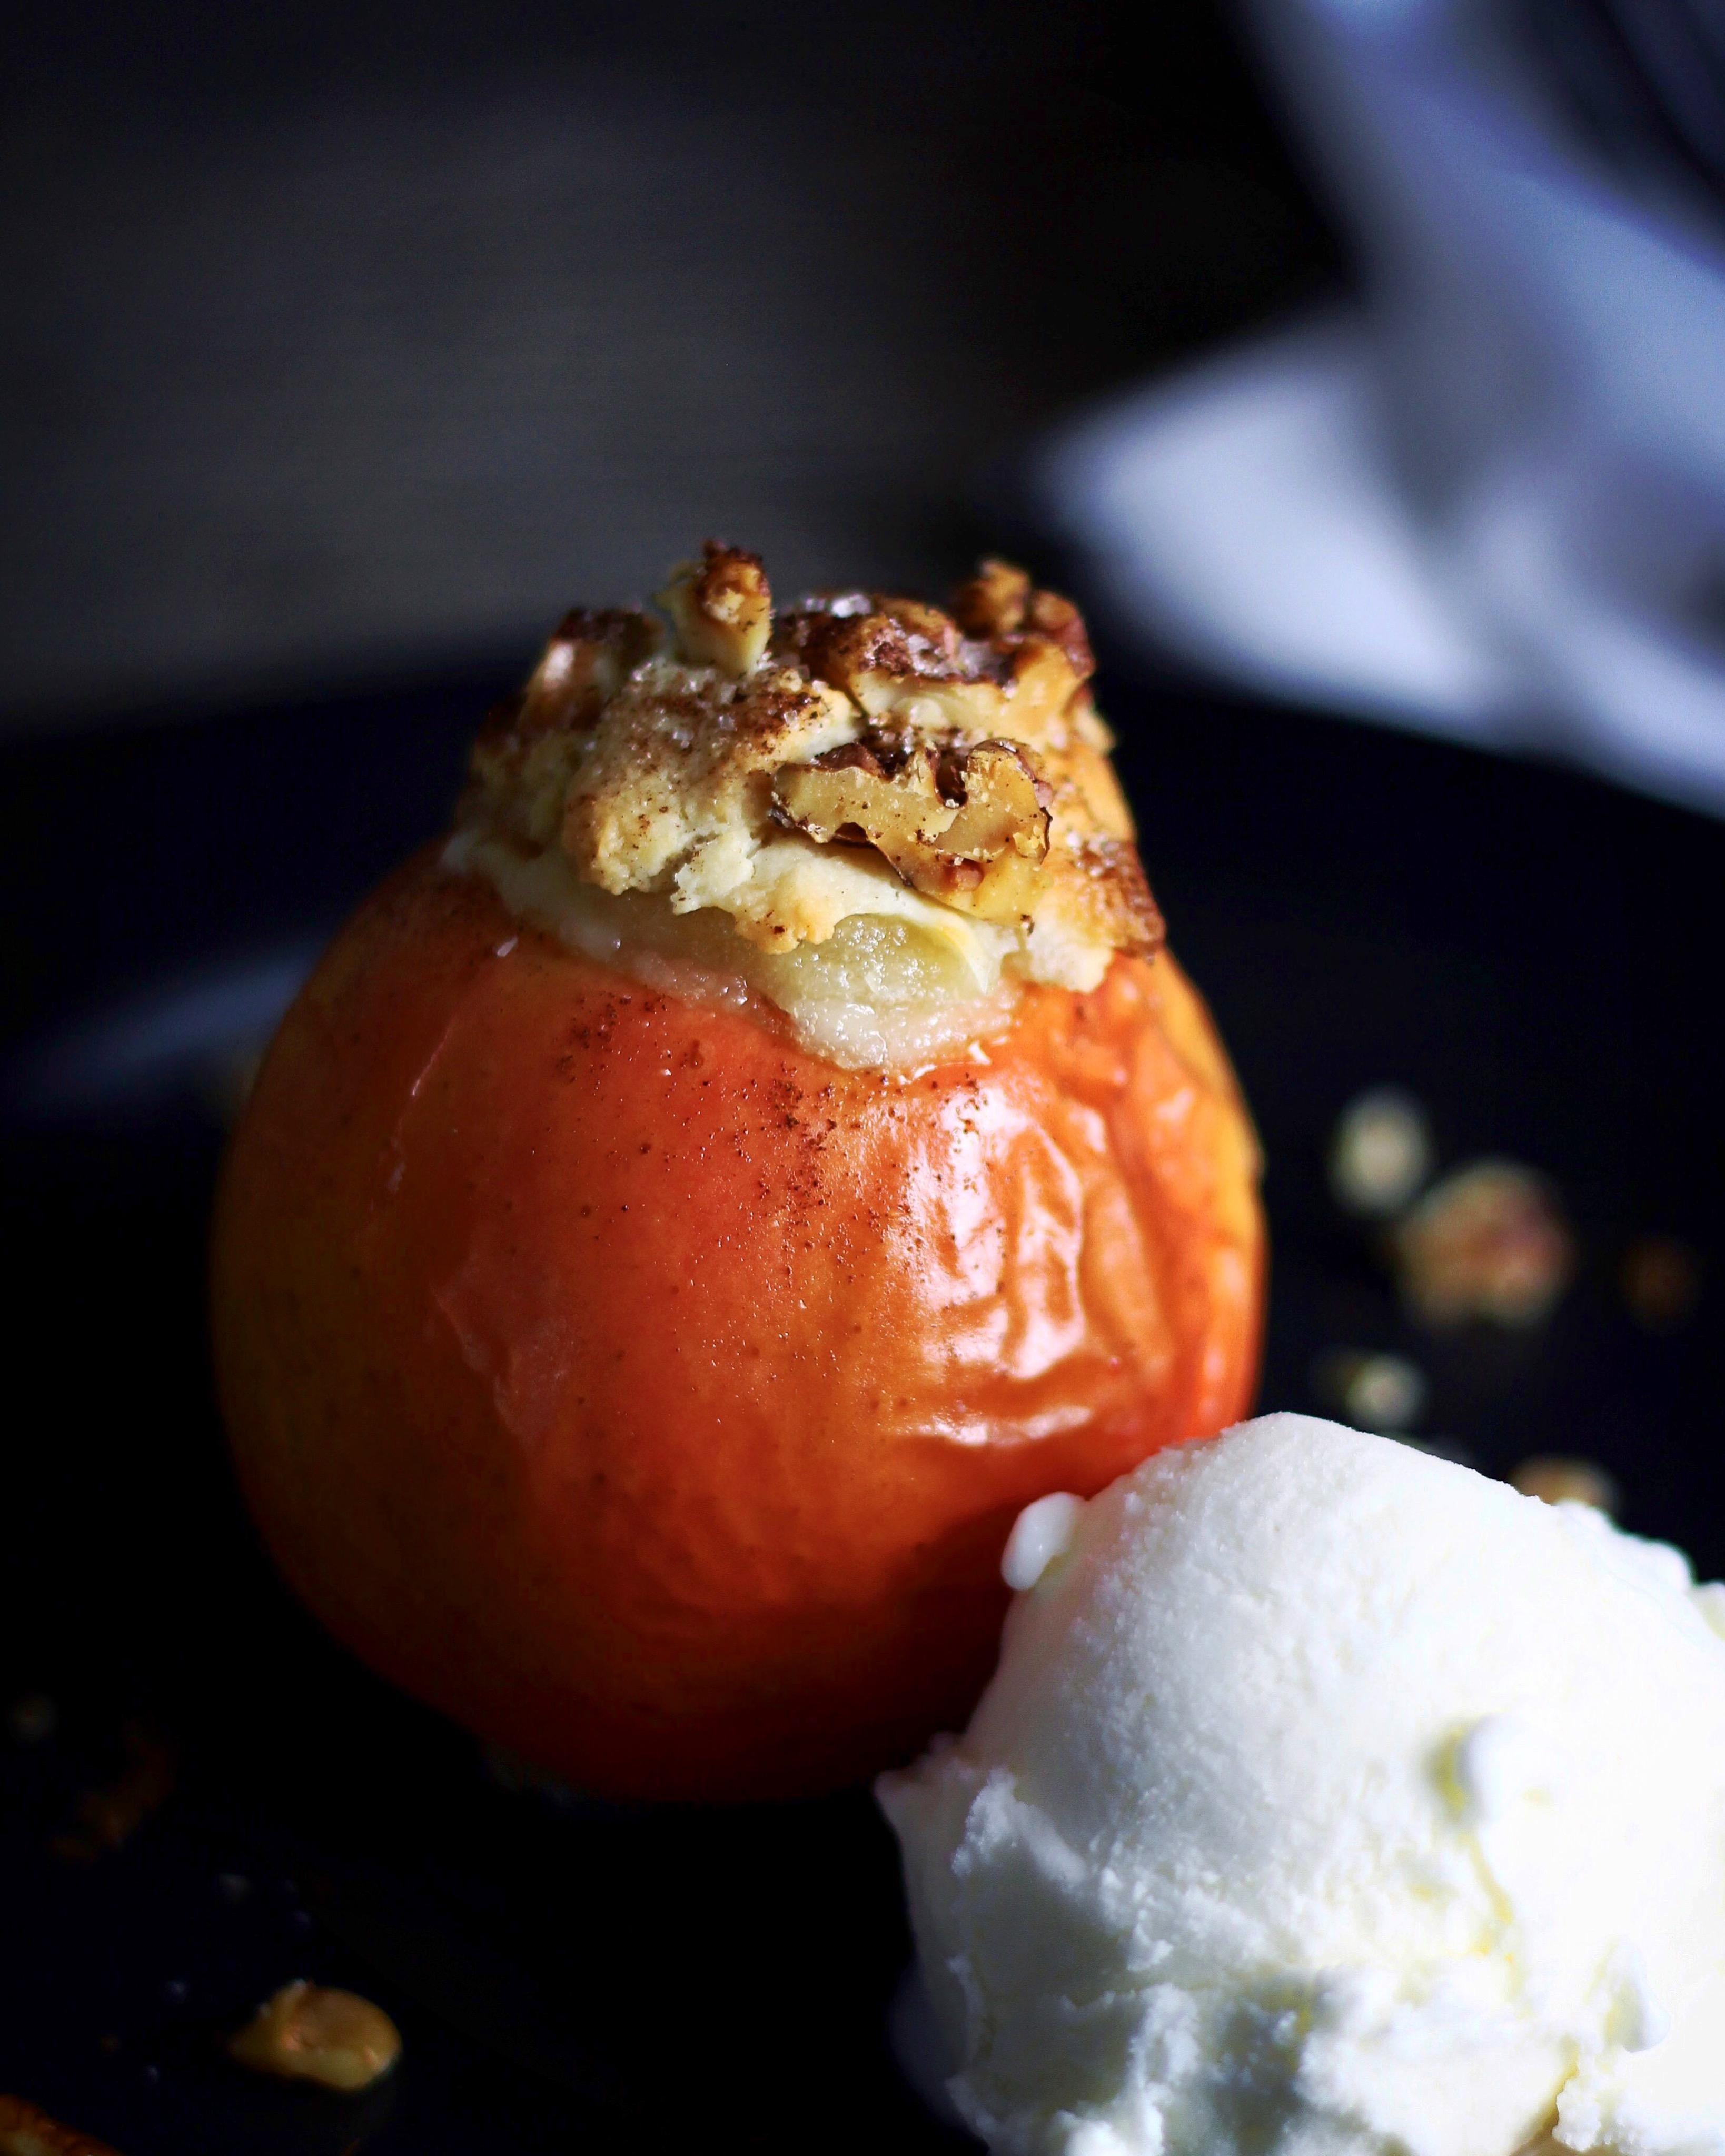 Bagt æble med marcipan